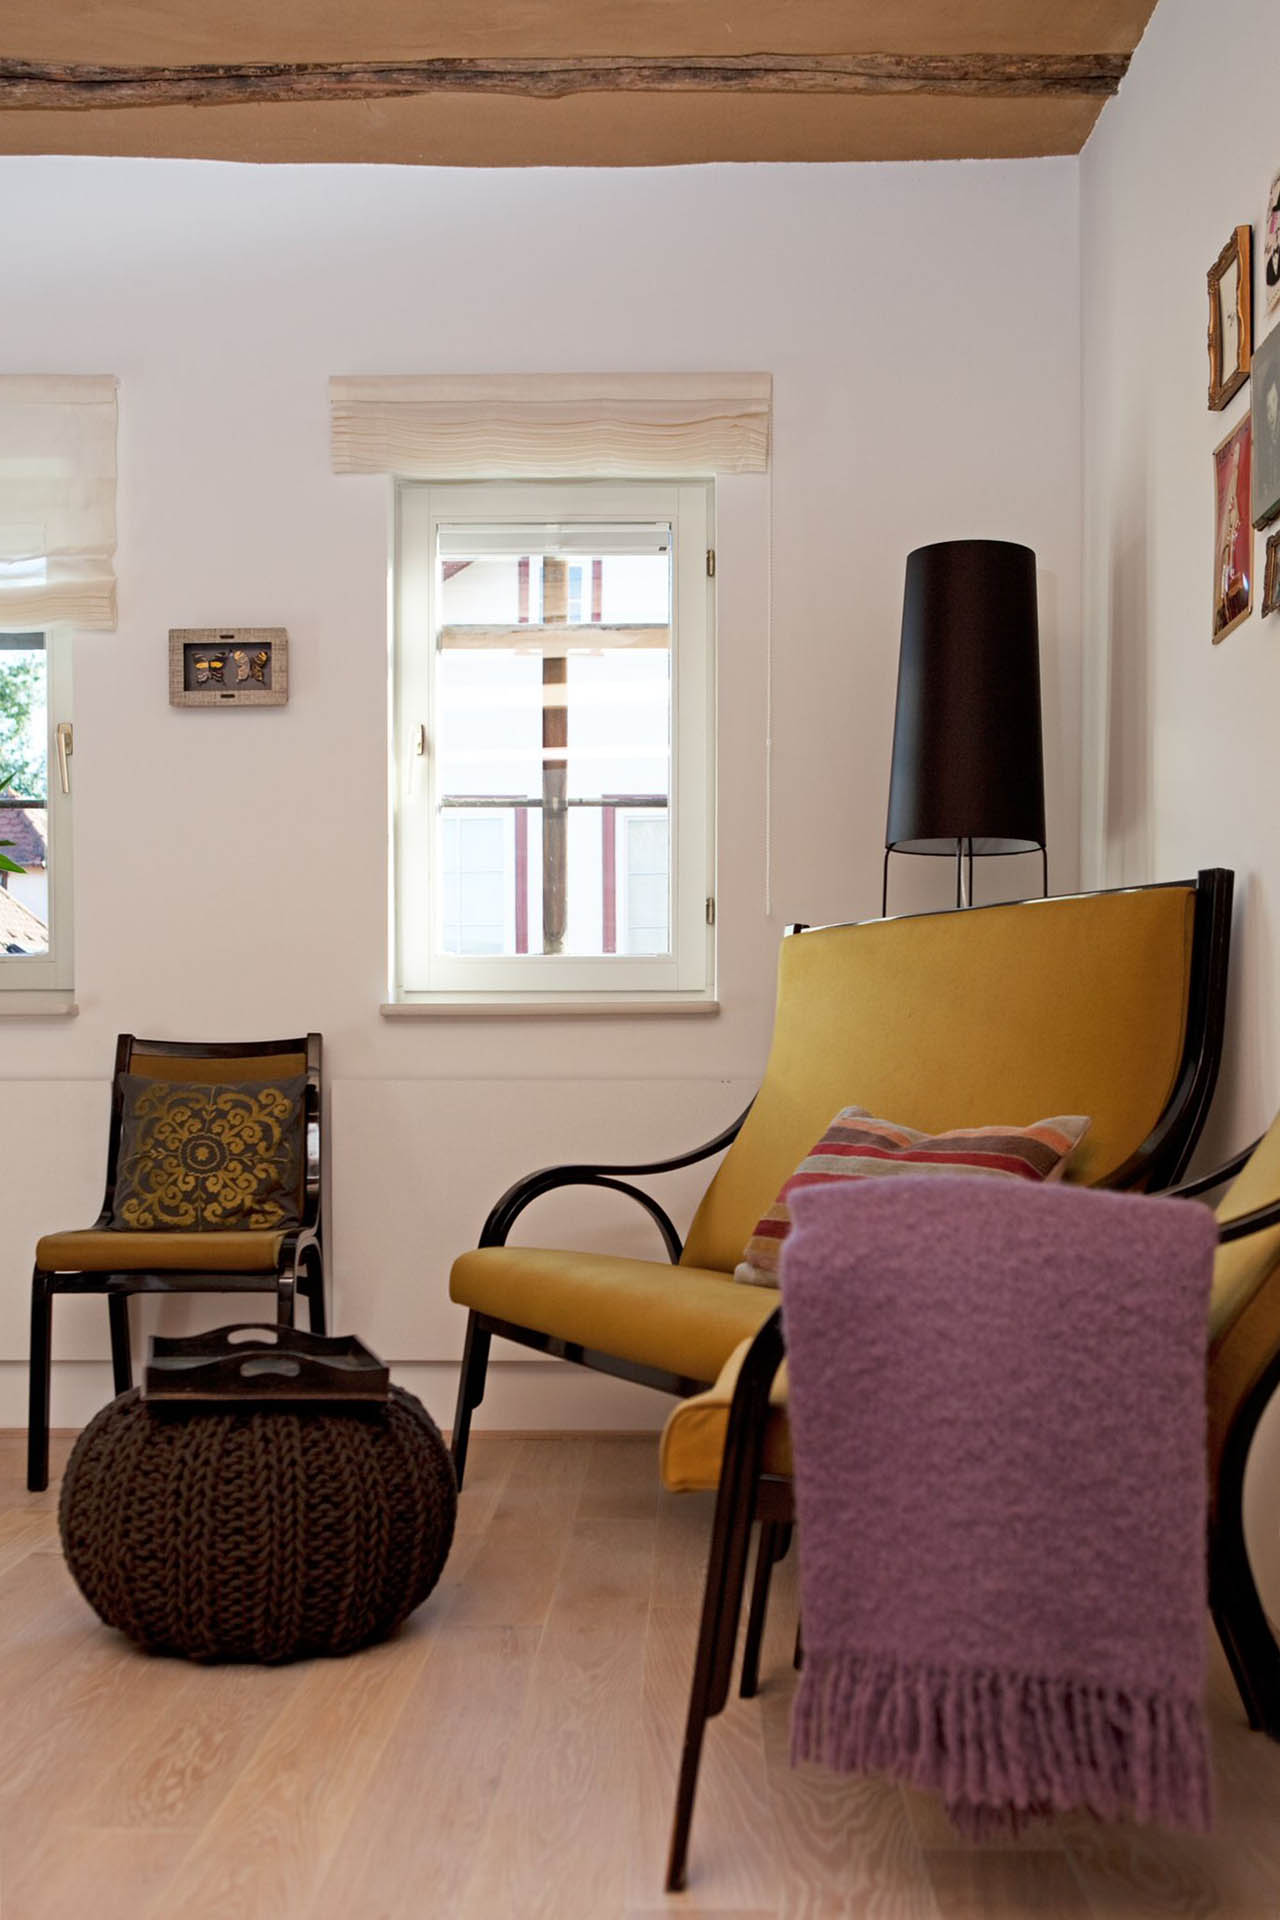 b2-4 sofa_1280